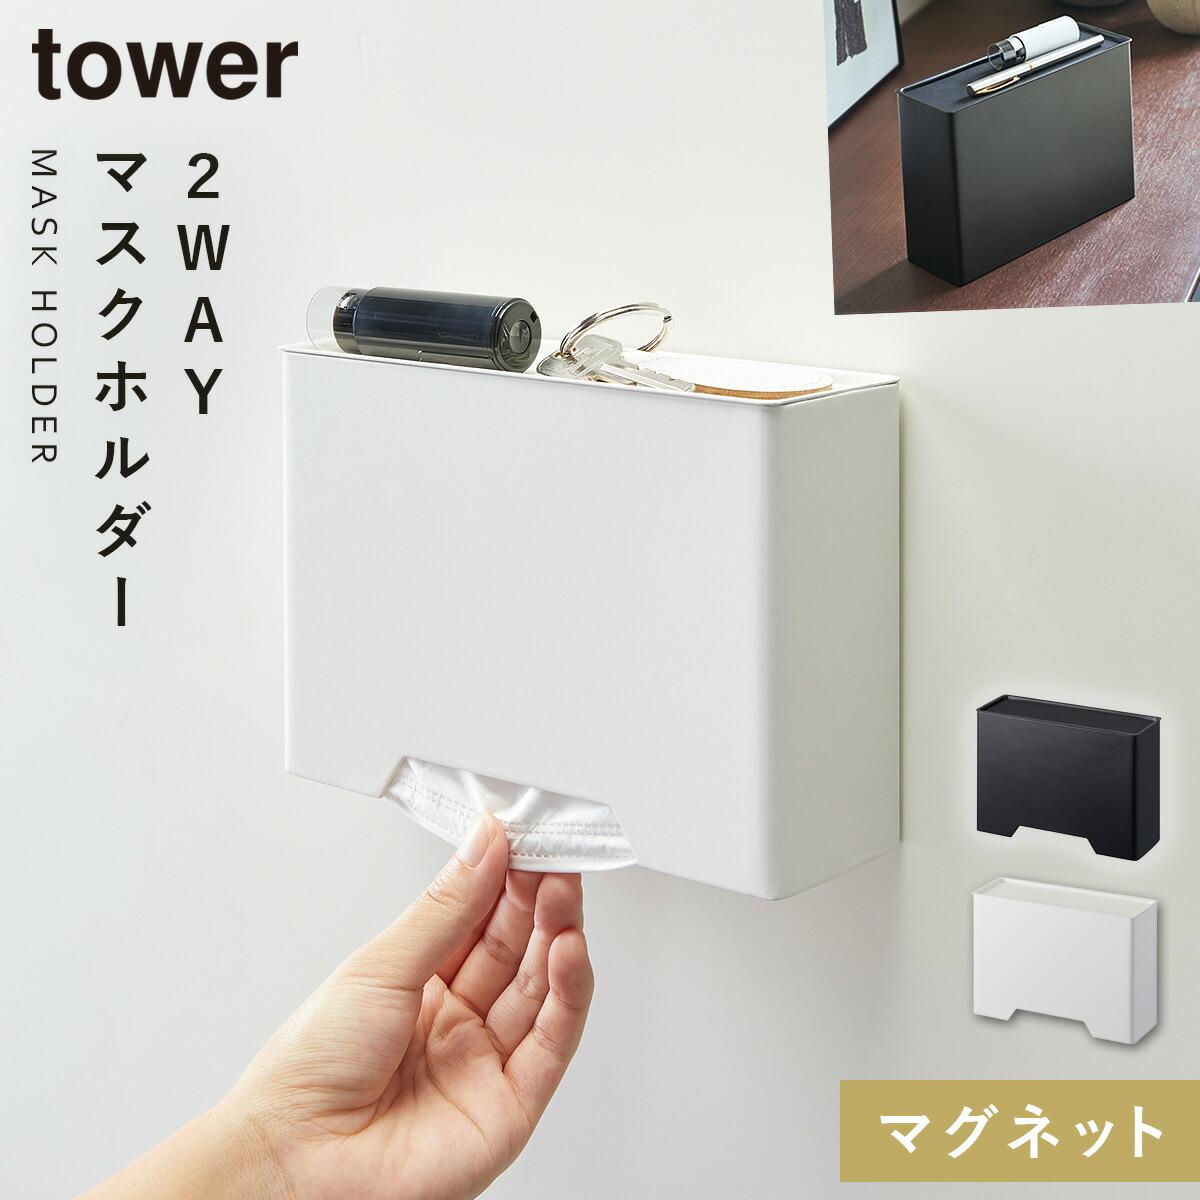 マグネットマスクホルダー タワー